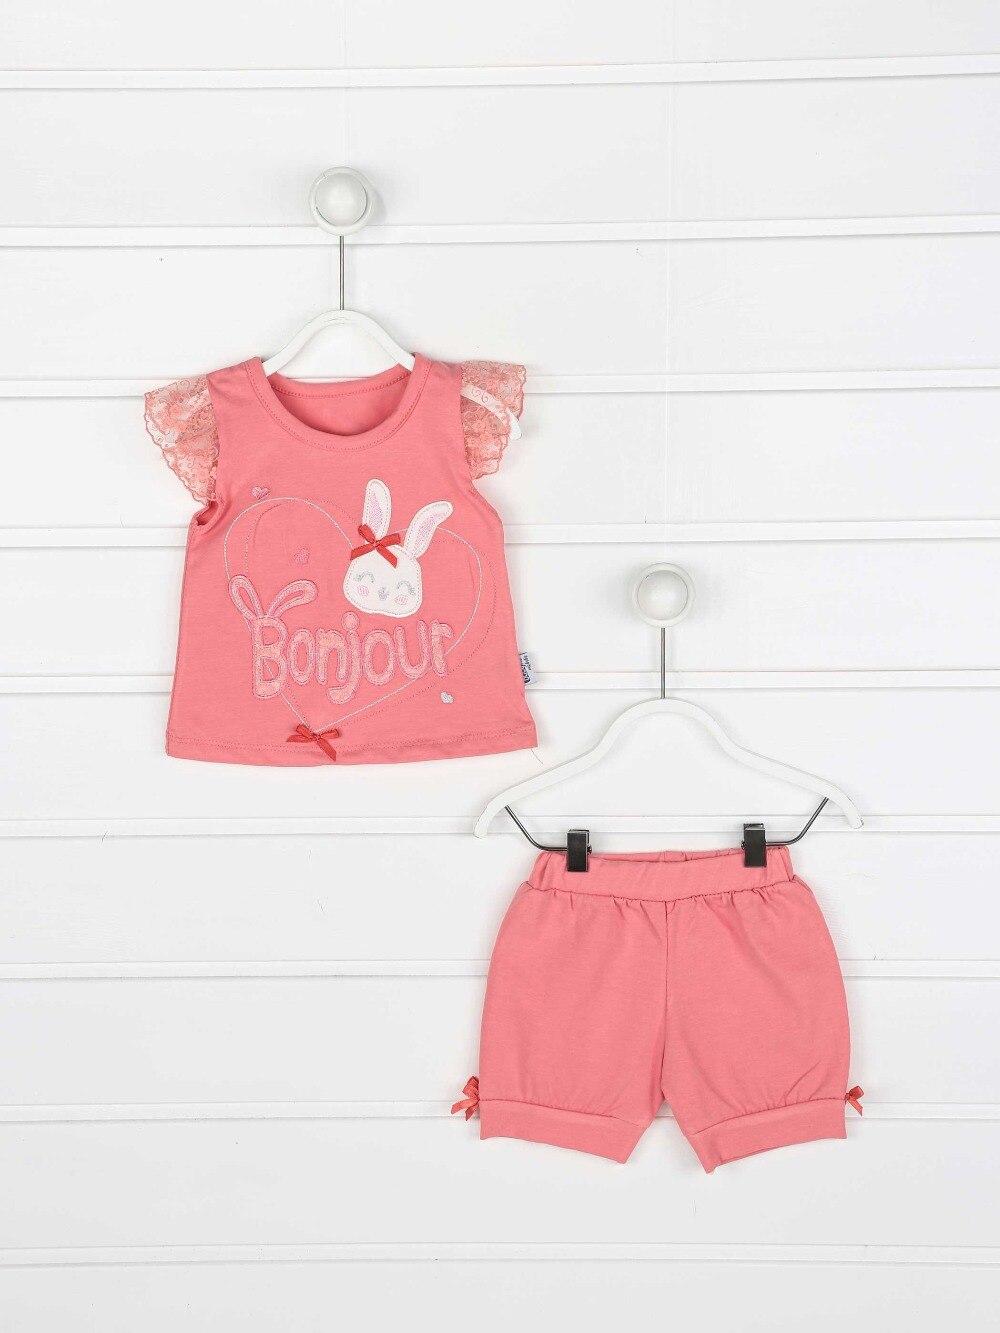 082-2222-003 Narçiçeği  Kız Bebek Şortlu Takım (1)